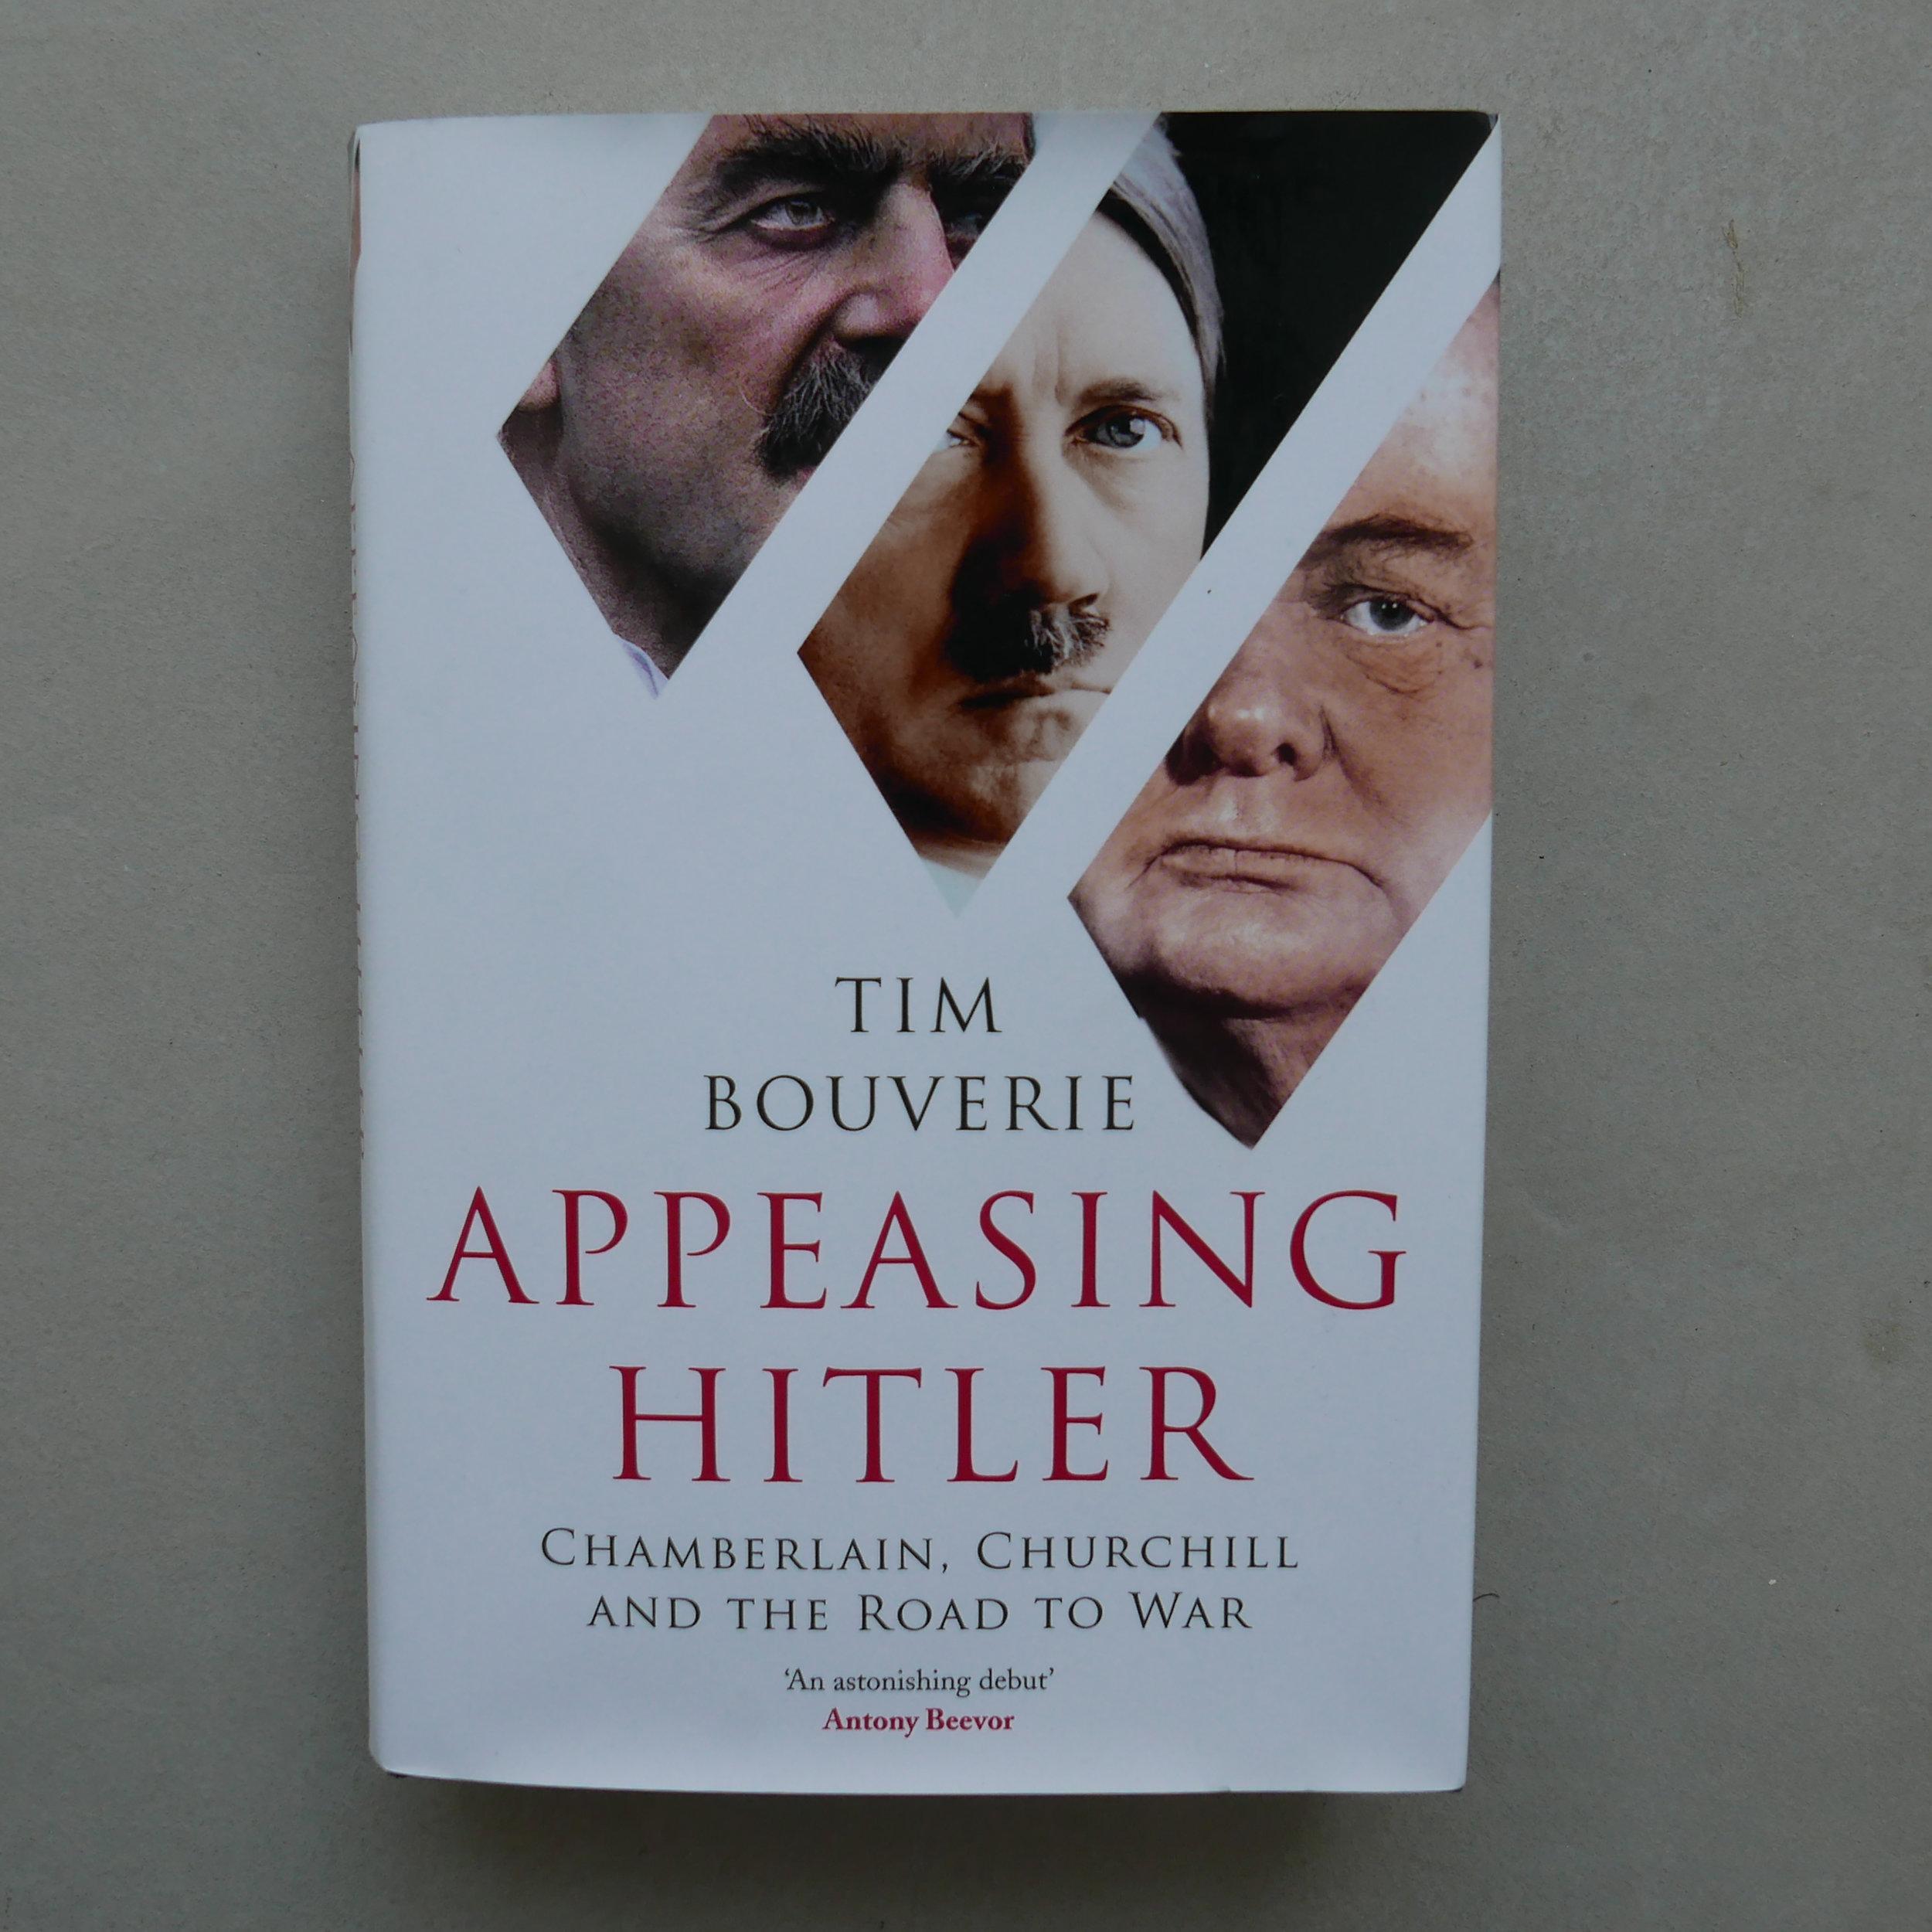 Appeasing Hitler - Tim Bouverie